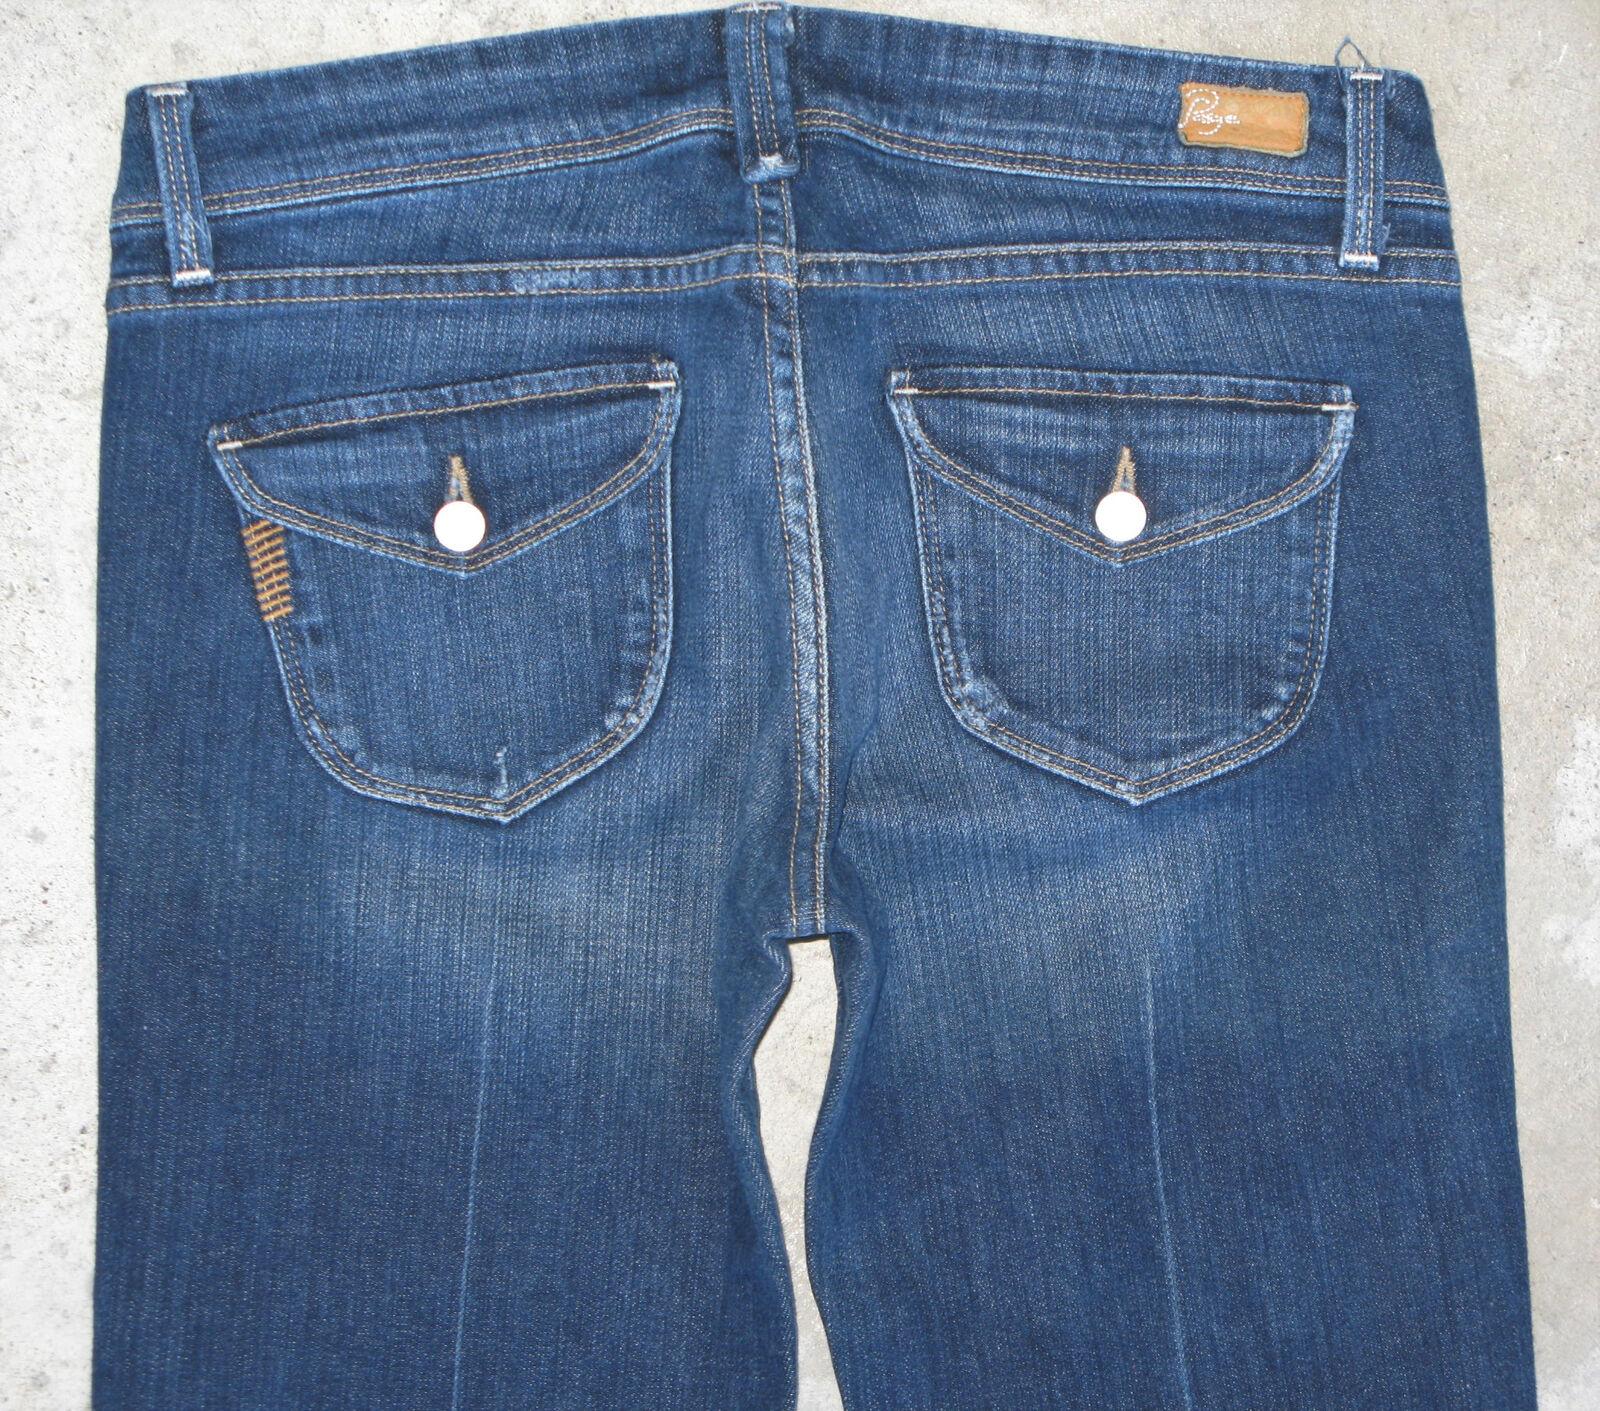 Paige Premium Jeans Pico Low Rise Bootcut Wmn Sz 29 w Flap Pocs Distressed Wash